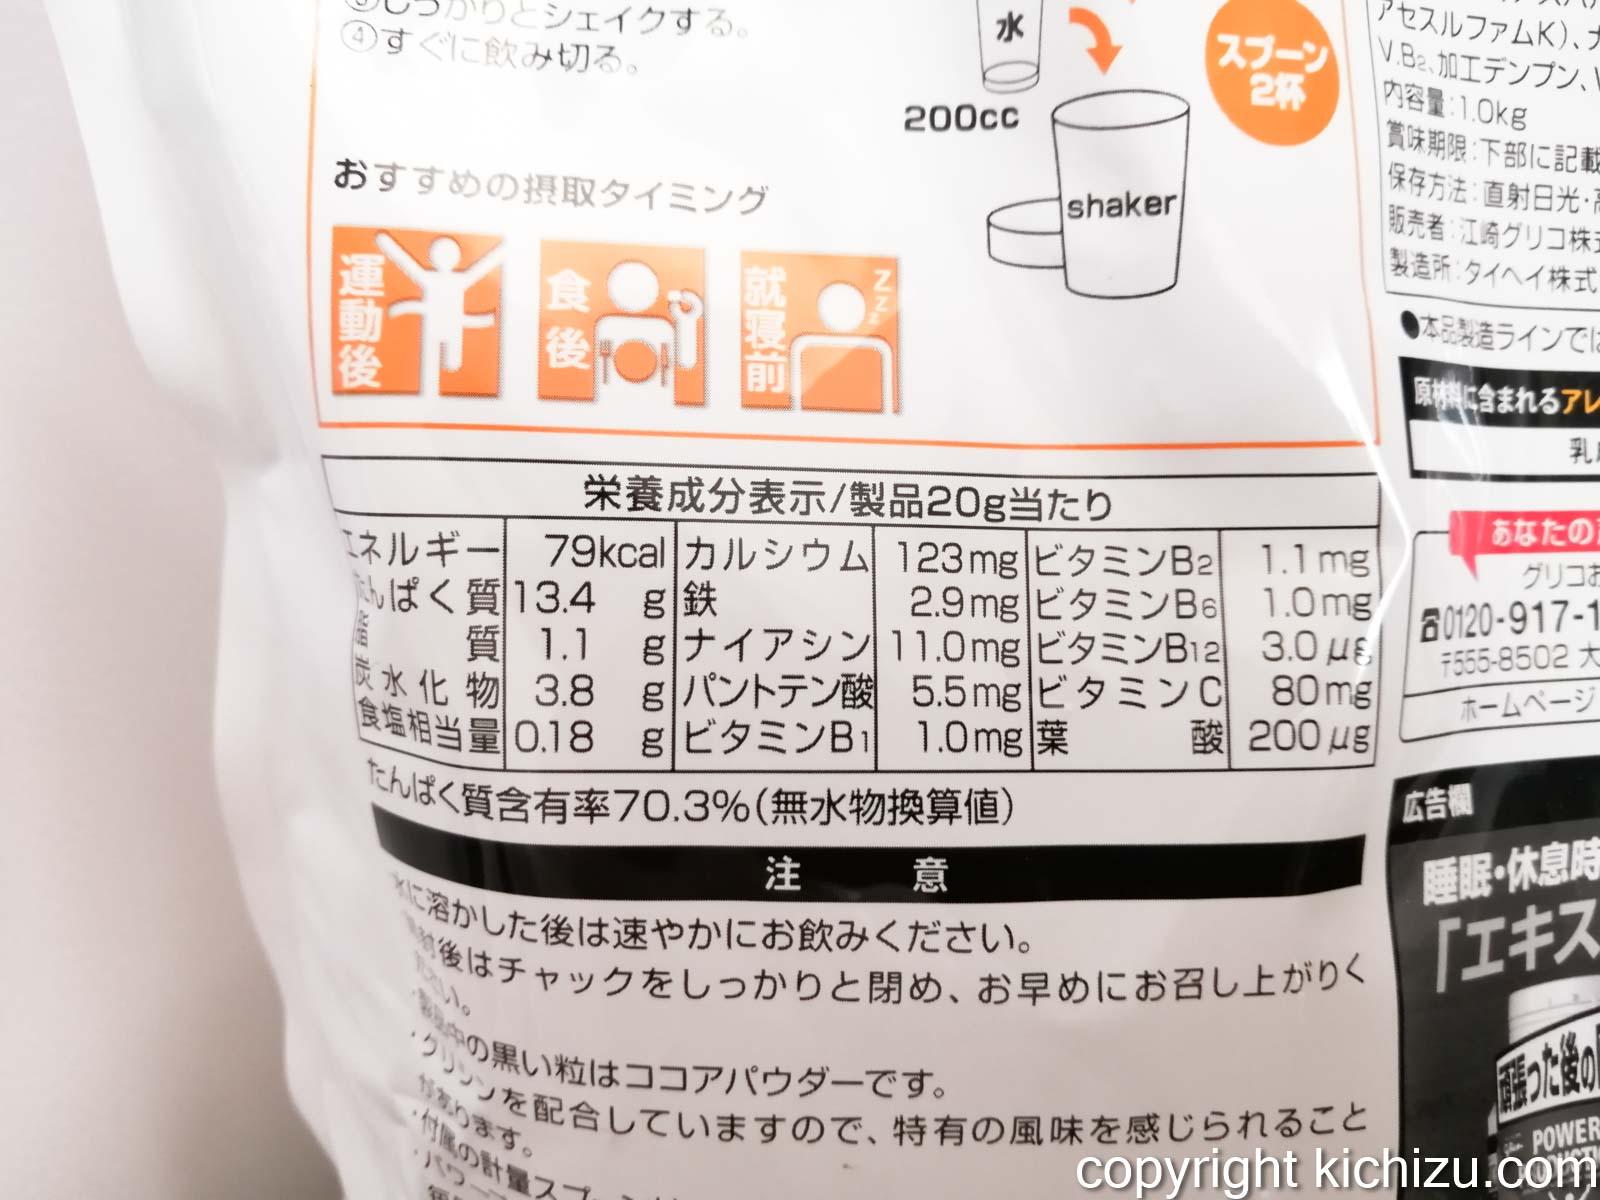 グリコ パワープロダクション マックスロード ホエイ プロテイン チョコレート味 1.0kgの栄養成分